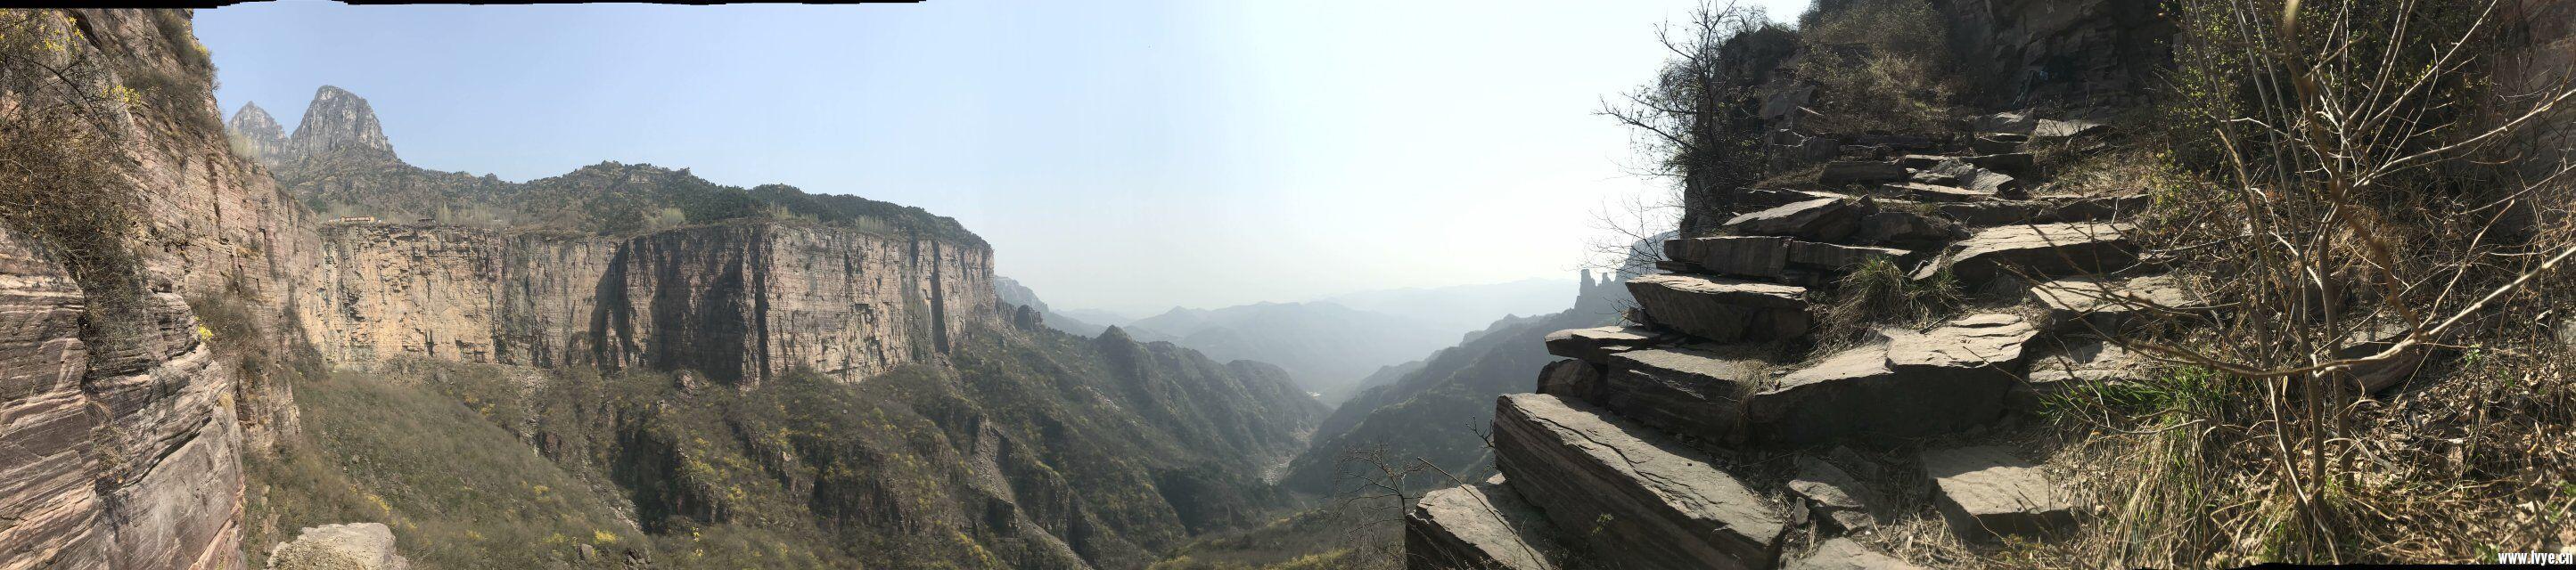 太行山风景7.jpg